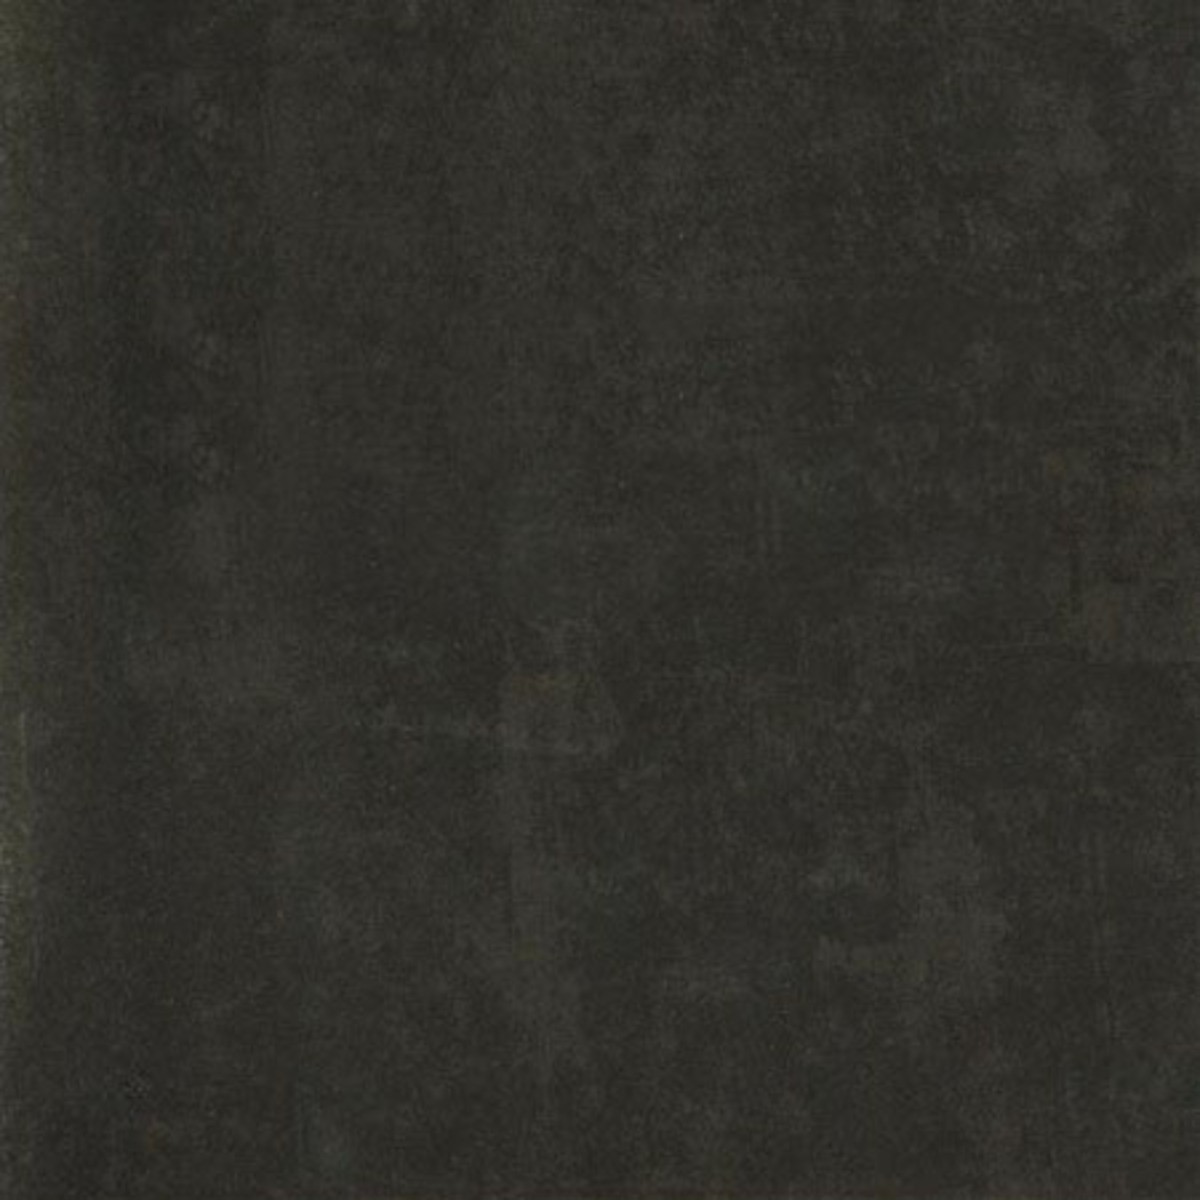 Dlažba Rako Concept čierna 33x33 cm mat DAA3B603.1